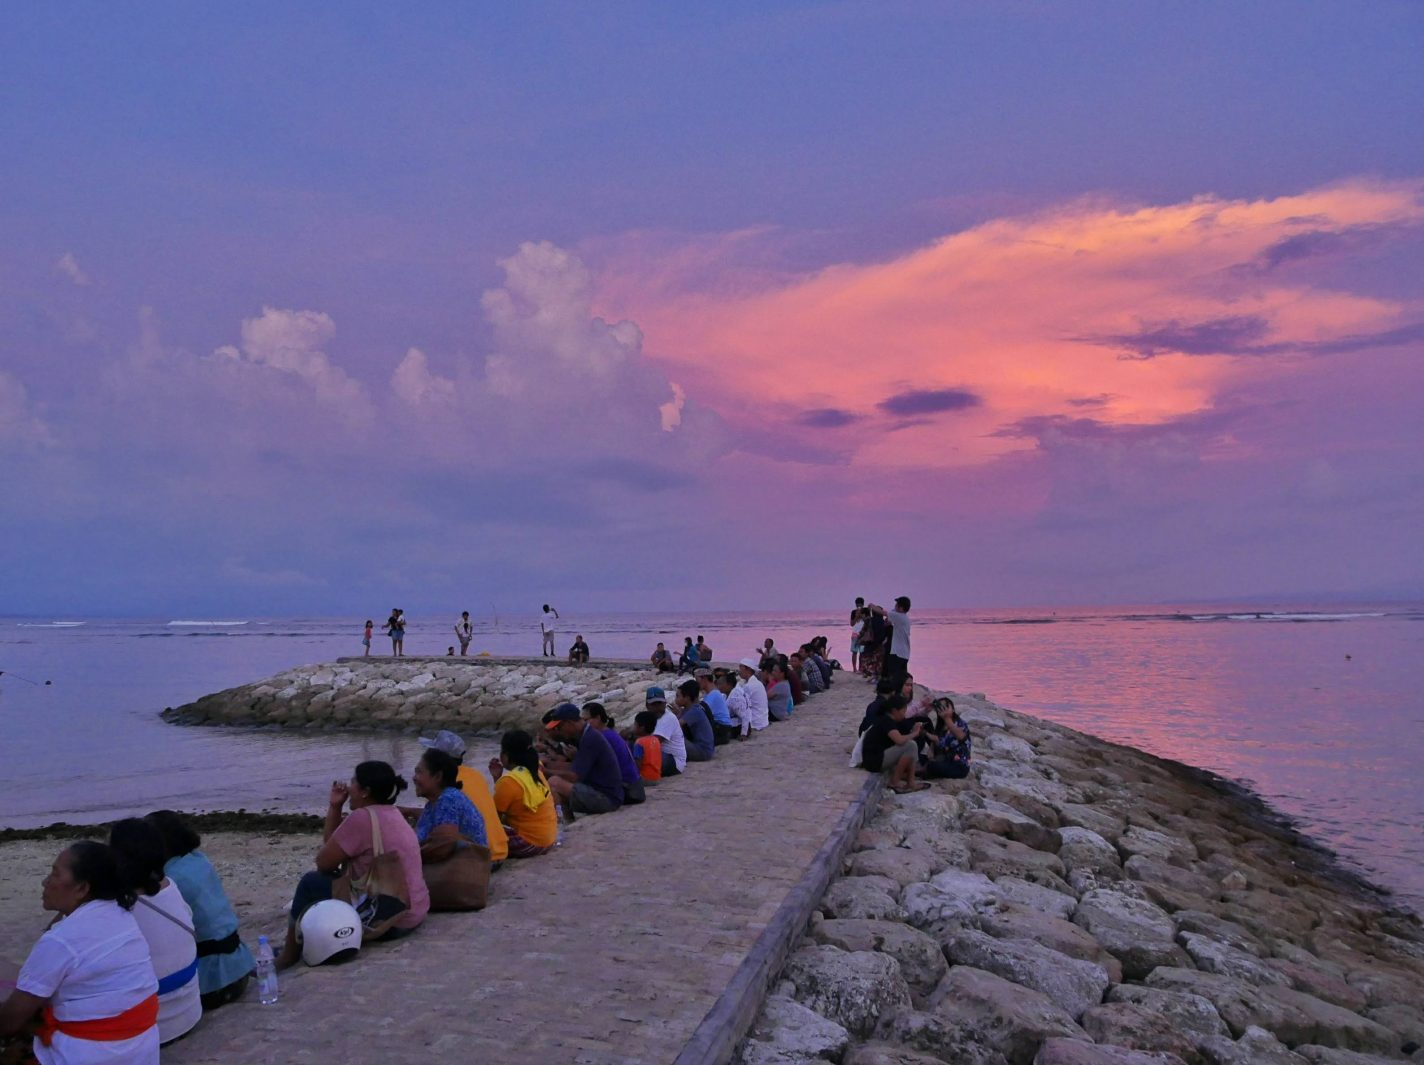 Balinezen zitten op de pier te kijken naar het podium